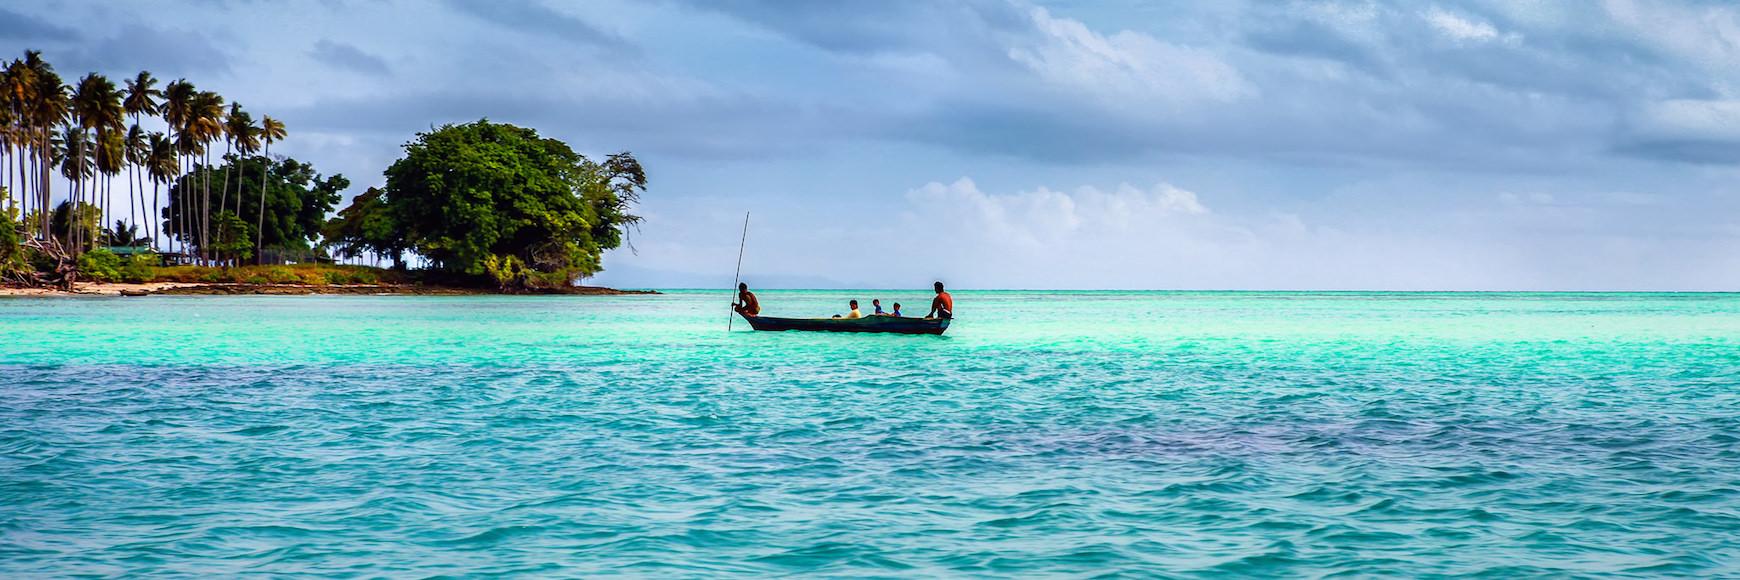 noleggio barche Malesia